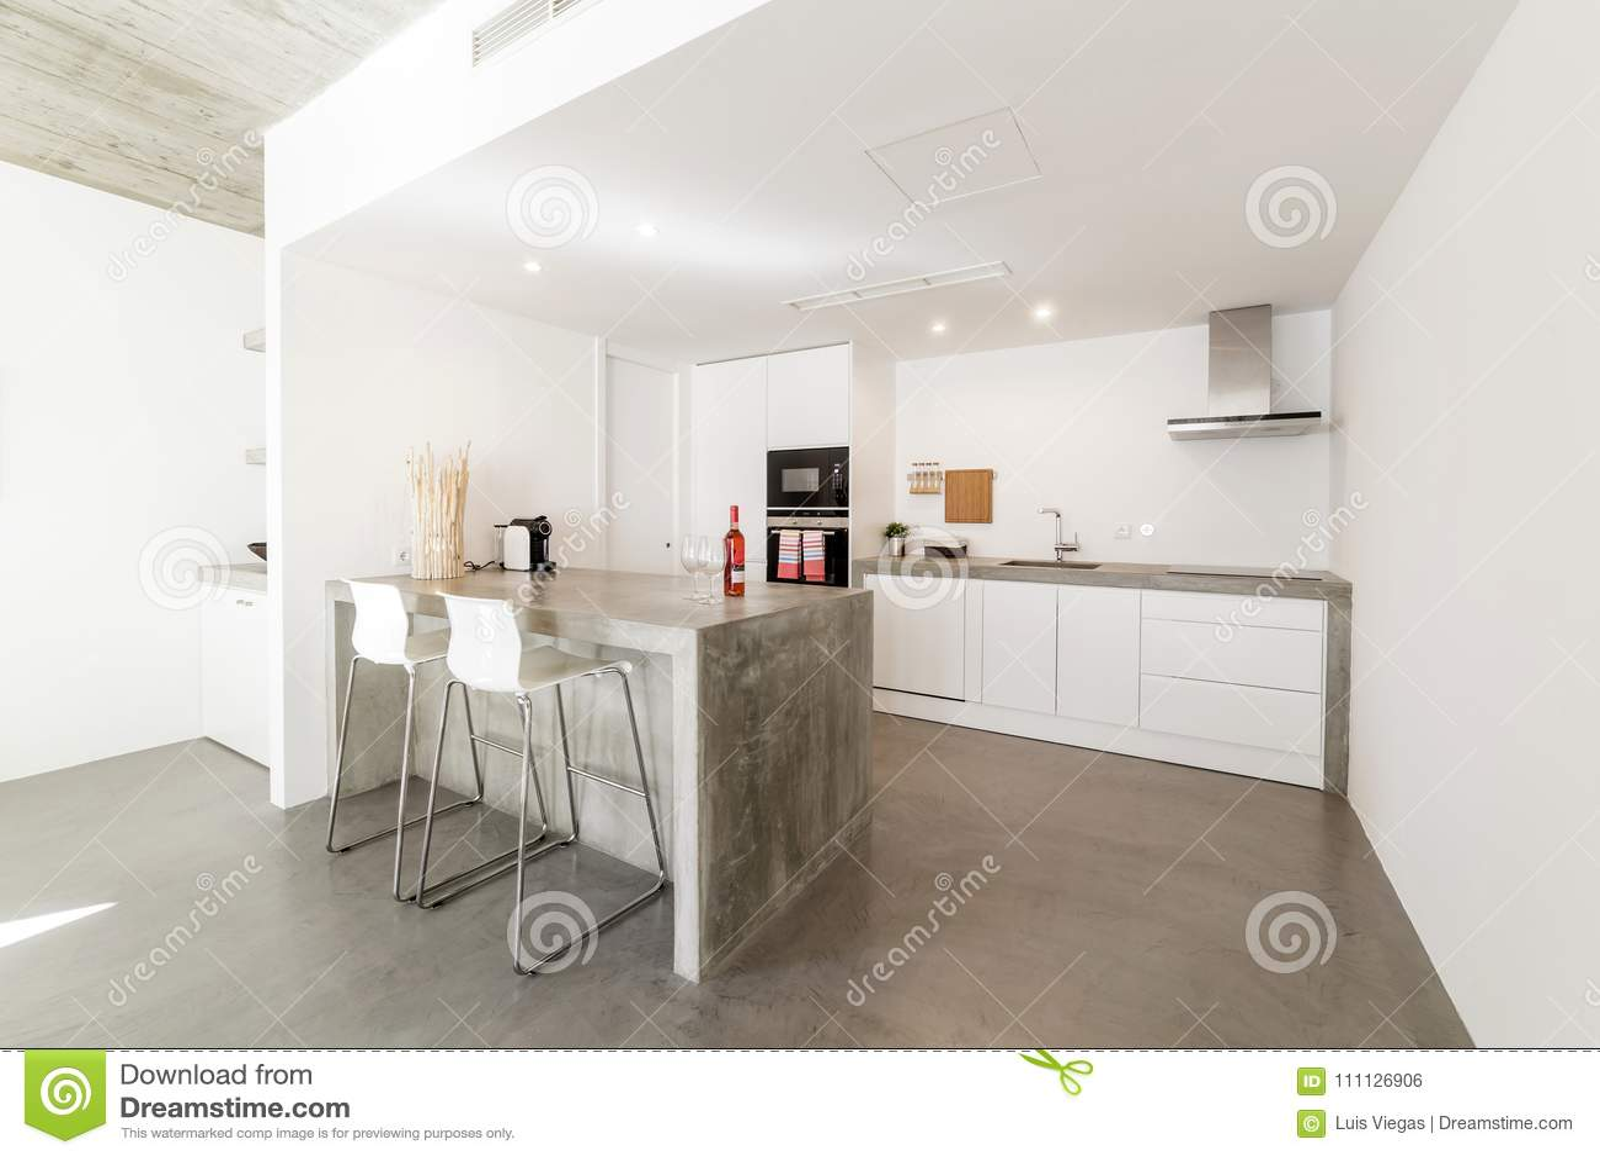 Tegels Keuken Witte : De moderne vloer van de keuken grijze tegel en witte muur stock foto